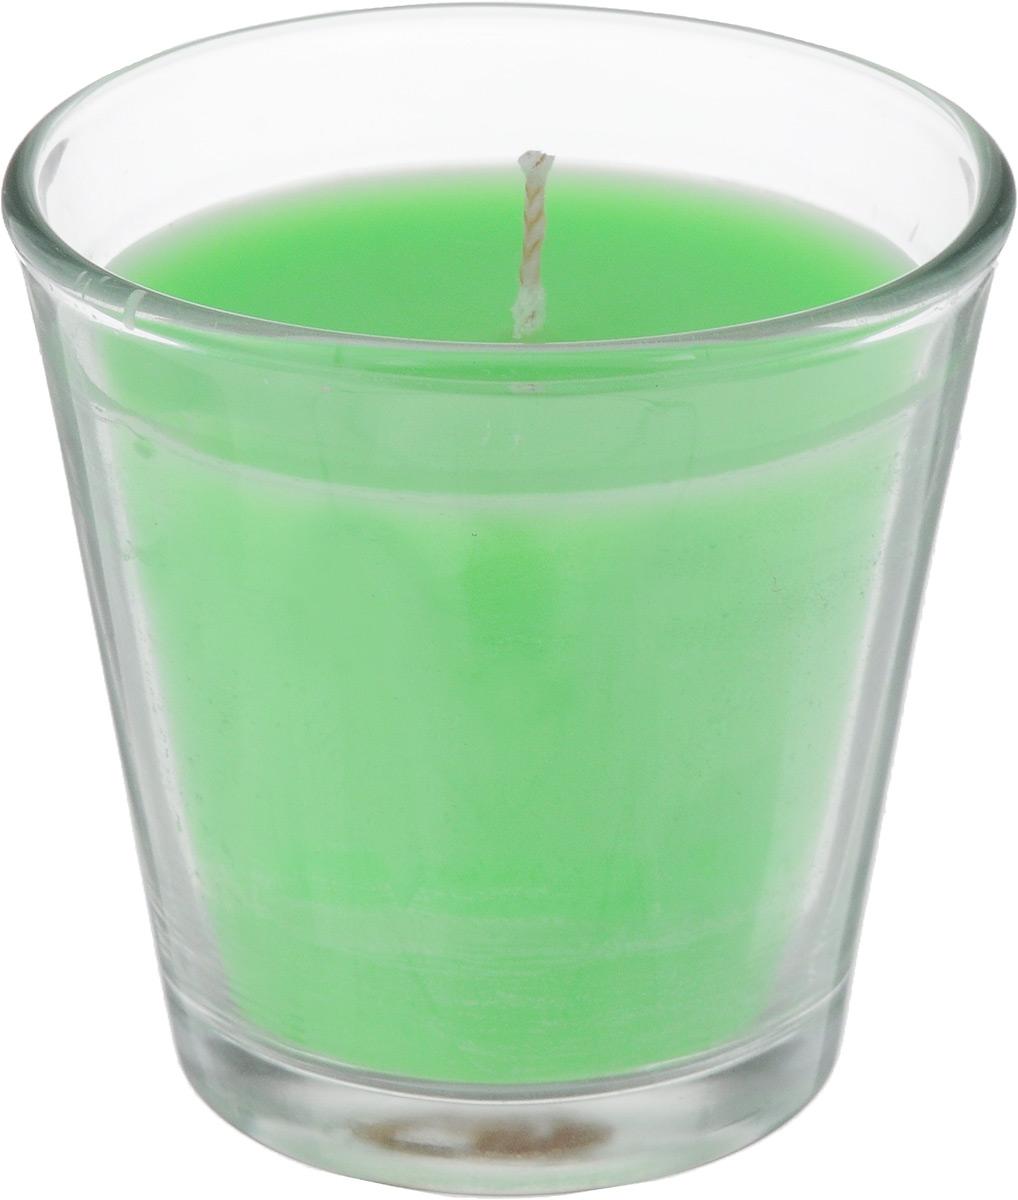 Свеча ароматическая Омский cвечной завод Яблоко, высота 6,5 см337462Ароматизированная свеча Омский cвечной завод Яблоко, изготовленная из парафина, воска и хлопка, поставляется в стеклянном подсвечнике в виде стакана. Изделие отличается оригинальным дизайном и приятным ароматом. Такая свеча может стать отличным подарком или дополнить интерьер вашей комнаты.